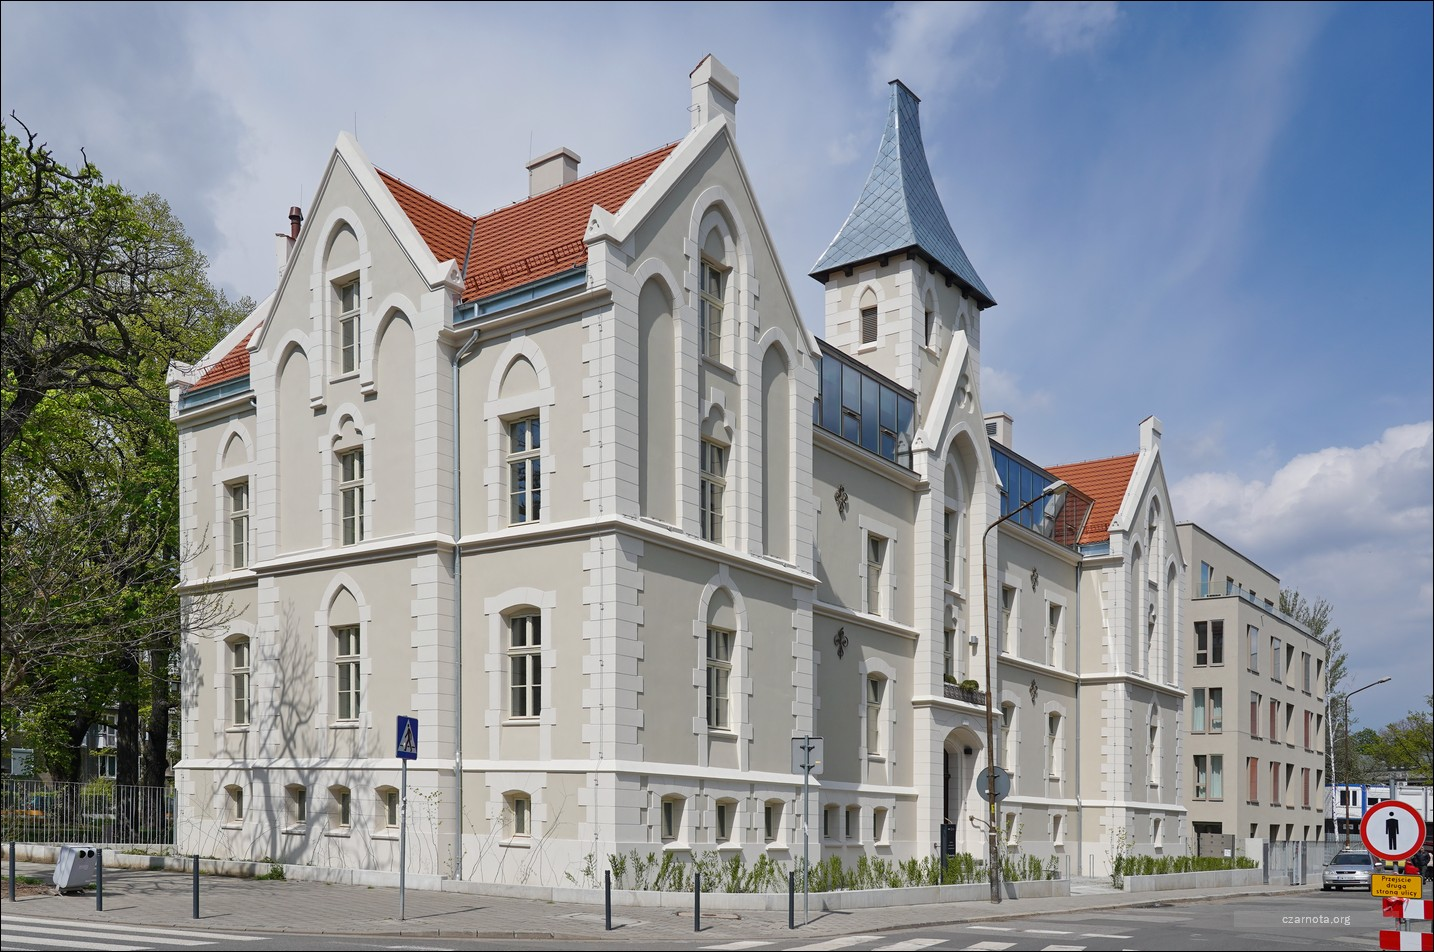 Wrocław, ul. Gdańska 2, Ogrody Graua, pałacyk fundacji Heimannów w 2019 i 2021